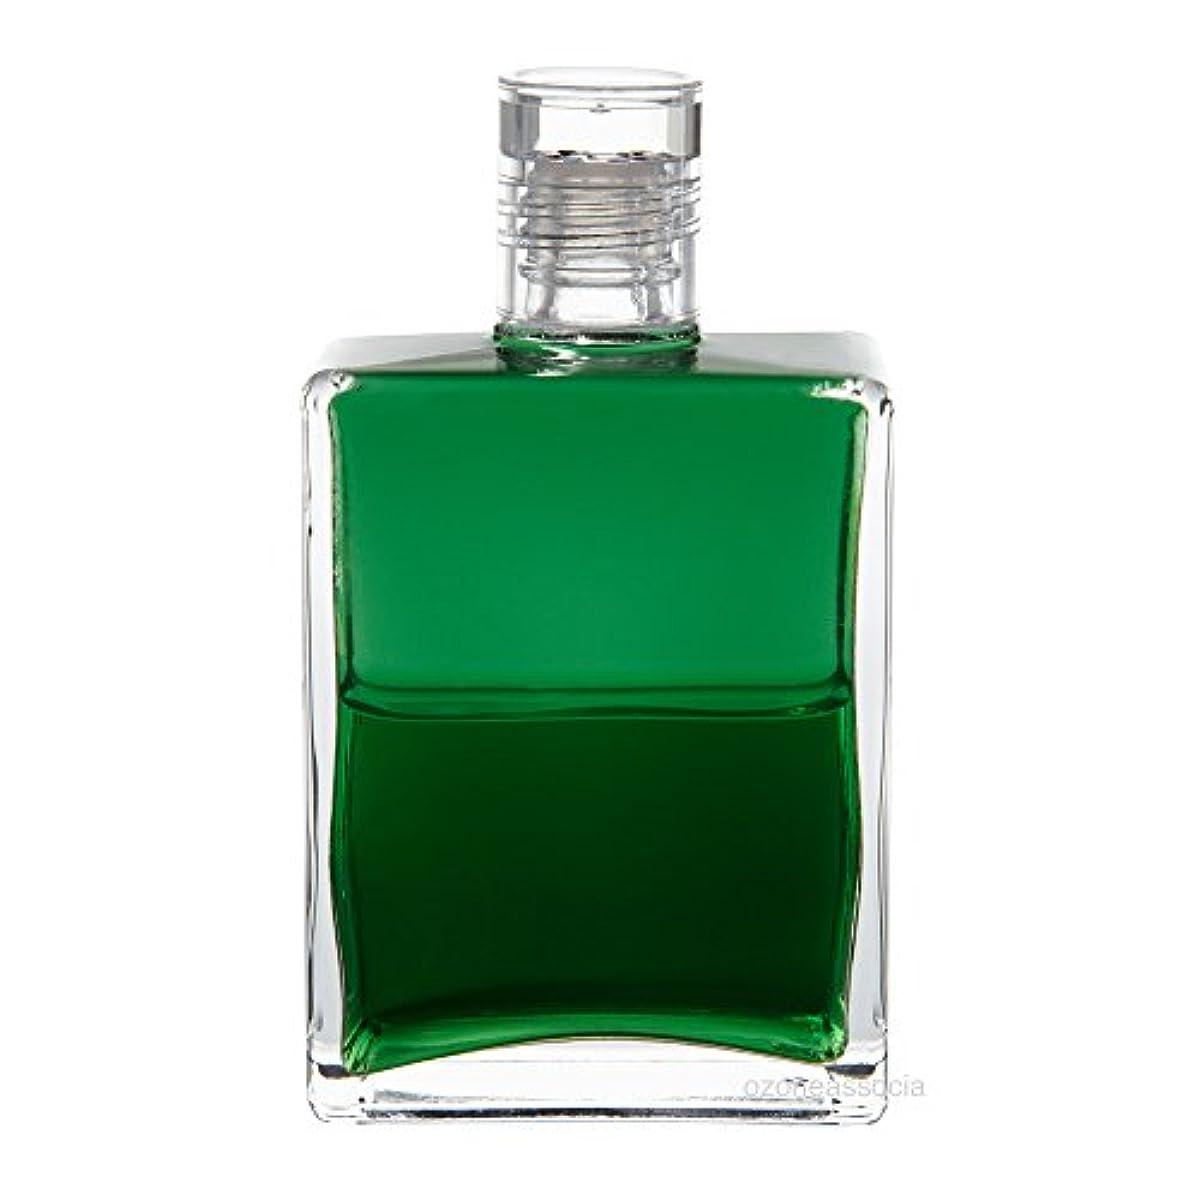 オーラソーマ ボトル 10番  行って木を抱きしめなさい (グリーン/グリーン) イクイリブリアムボトル50ml Aurasoma